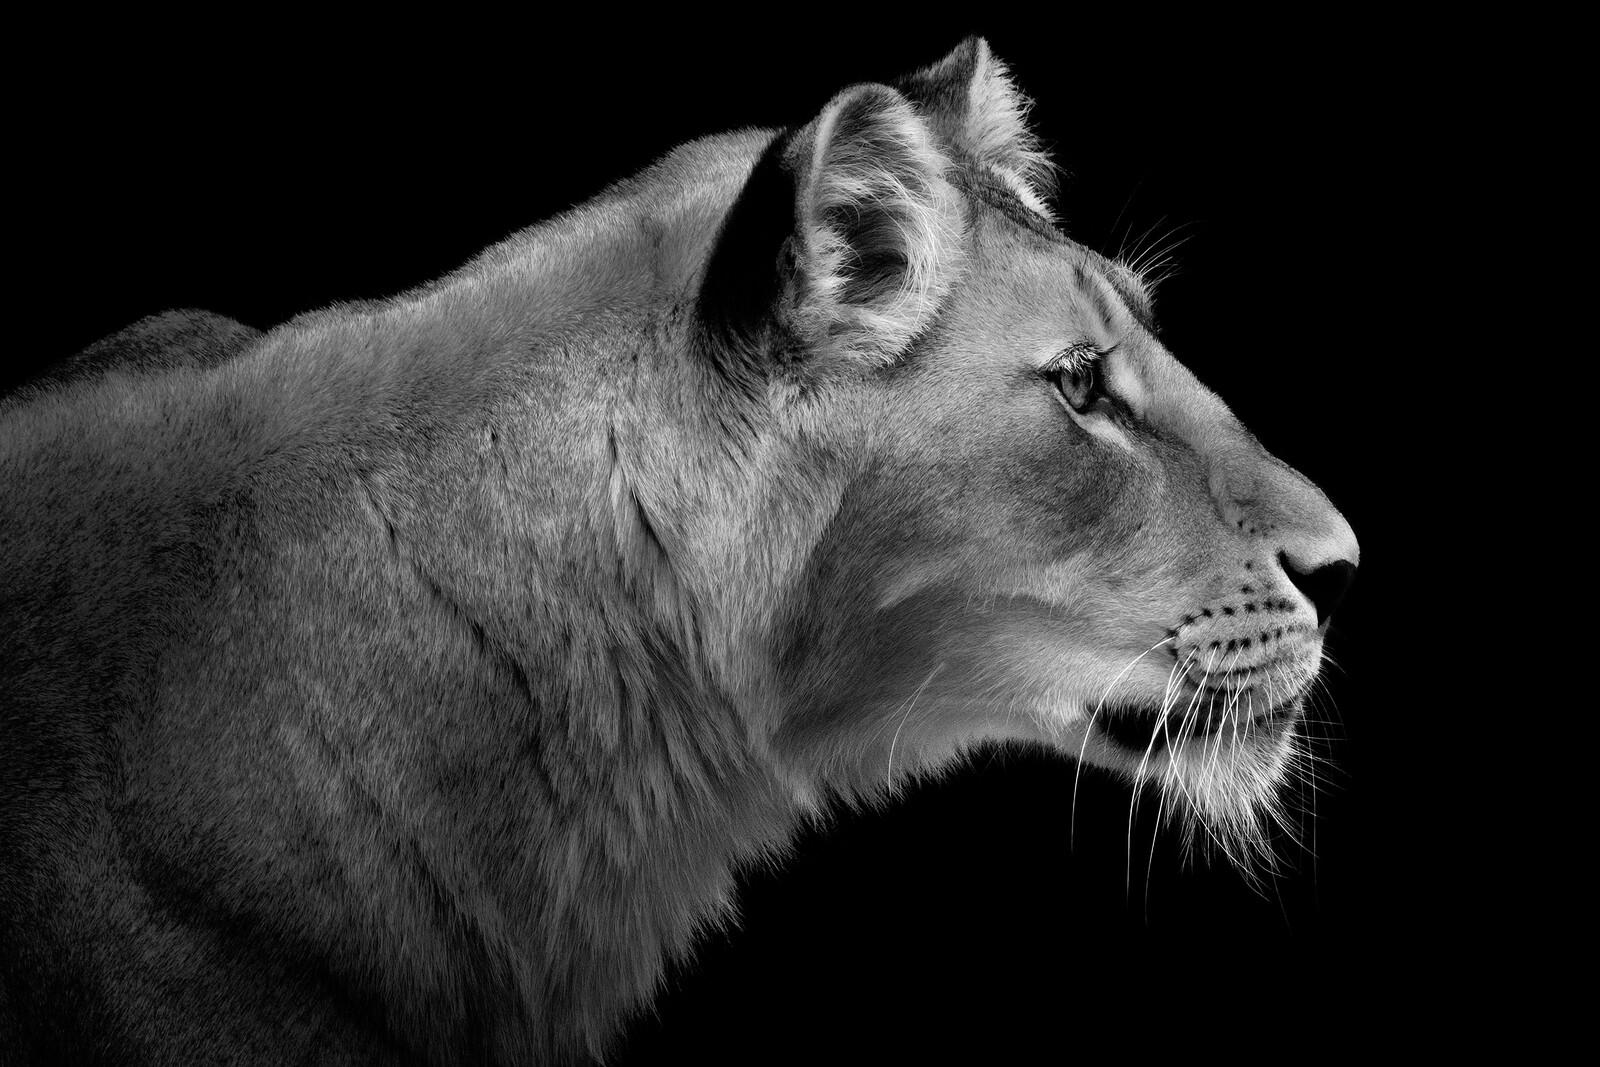 Lioness Portrait - Wolf Ademeit